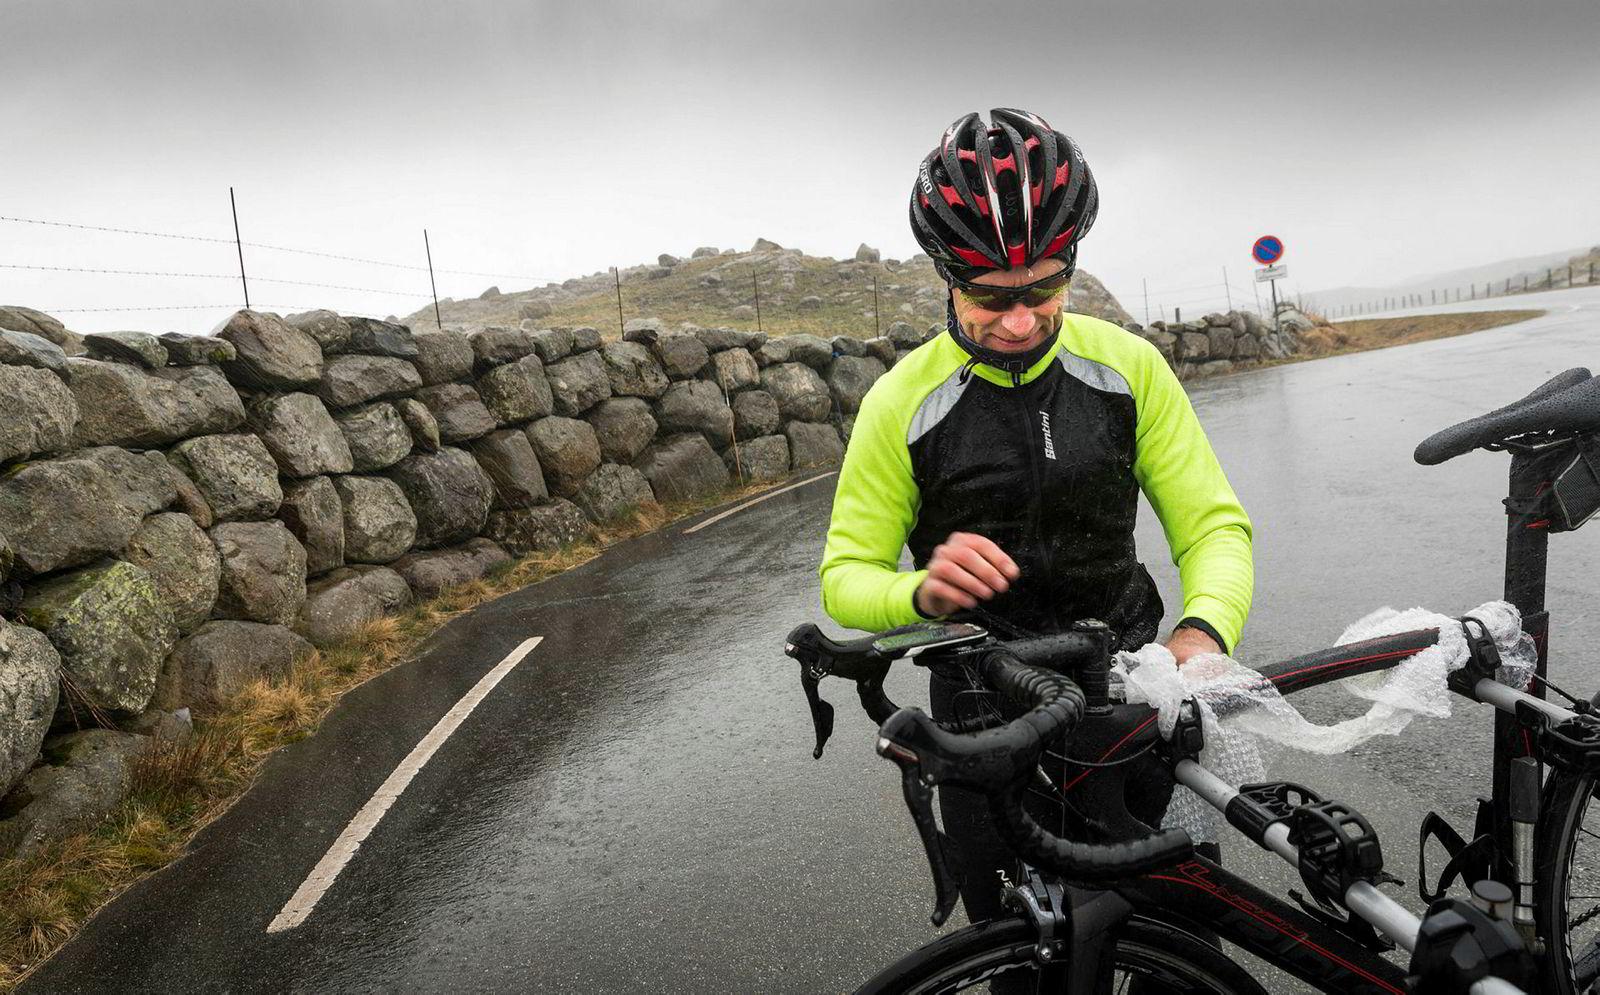 Johnny Stausholm kjemper mot øsende regnvær i det han fester sykkelen på stativet bakpå bilen. Det er ikke dagen for en lang økt.